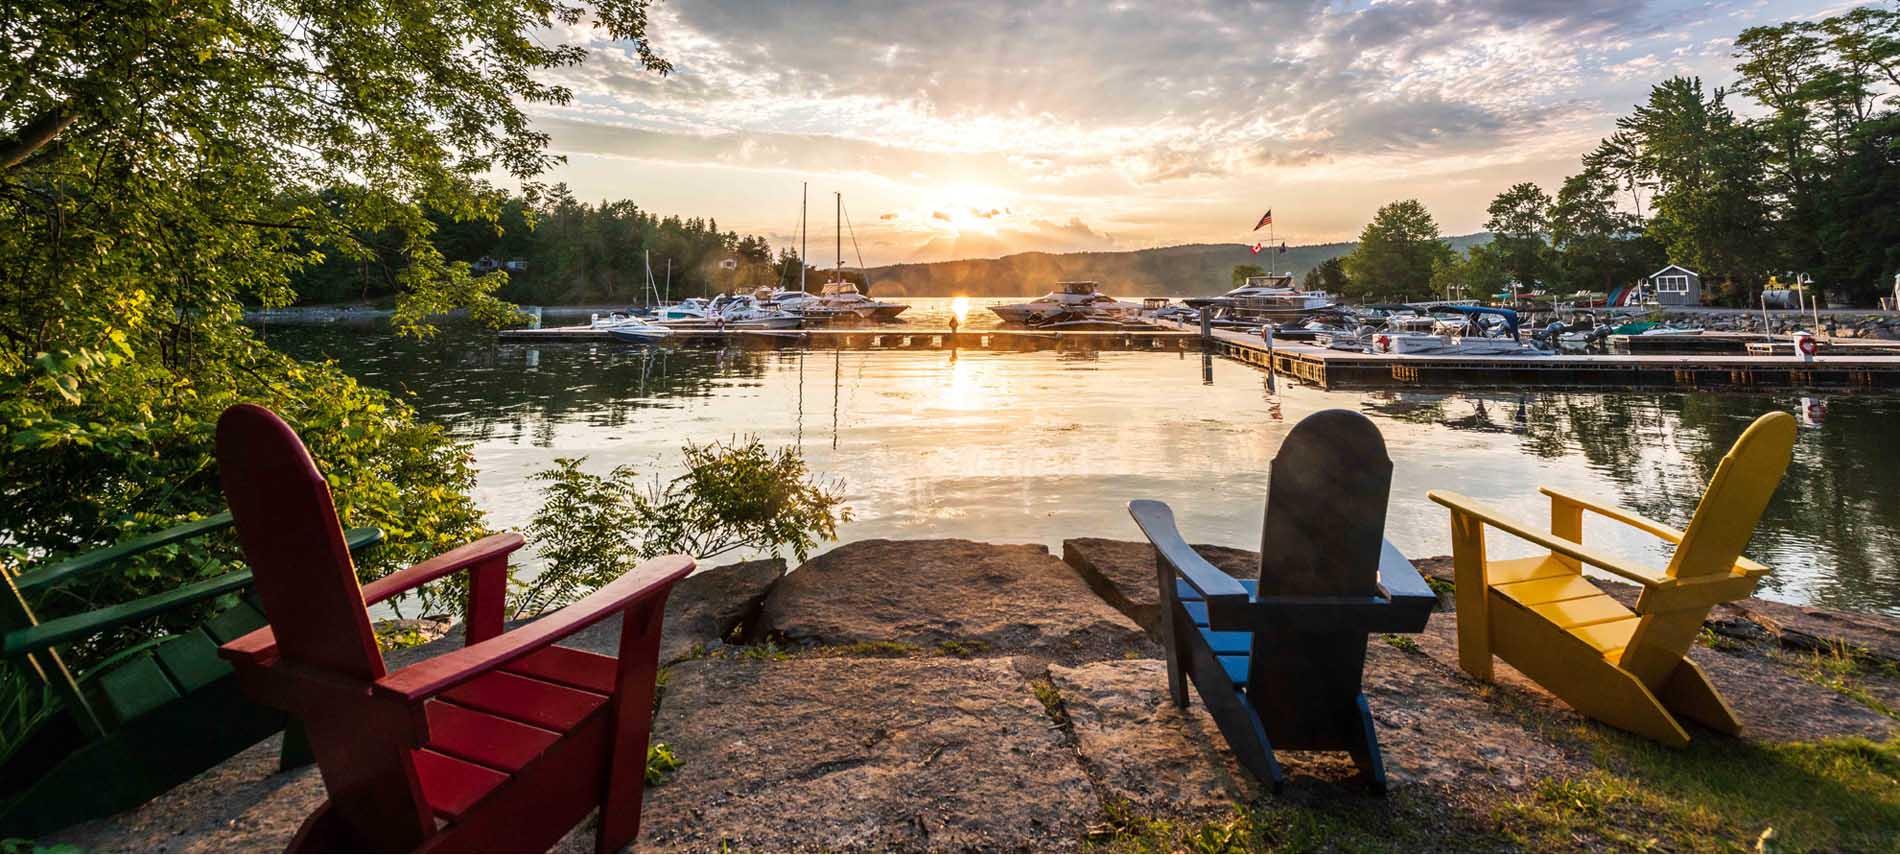 lake view at basin harbor adirondack chairs sunset